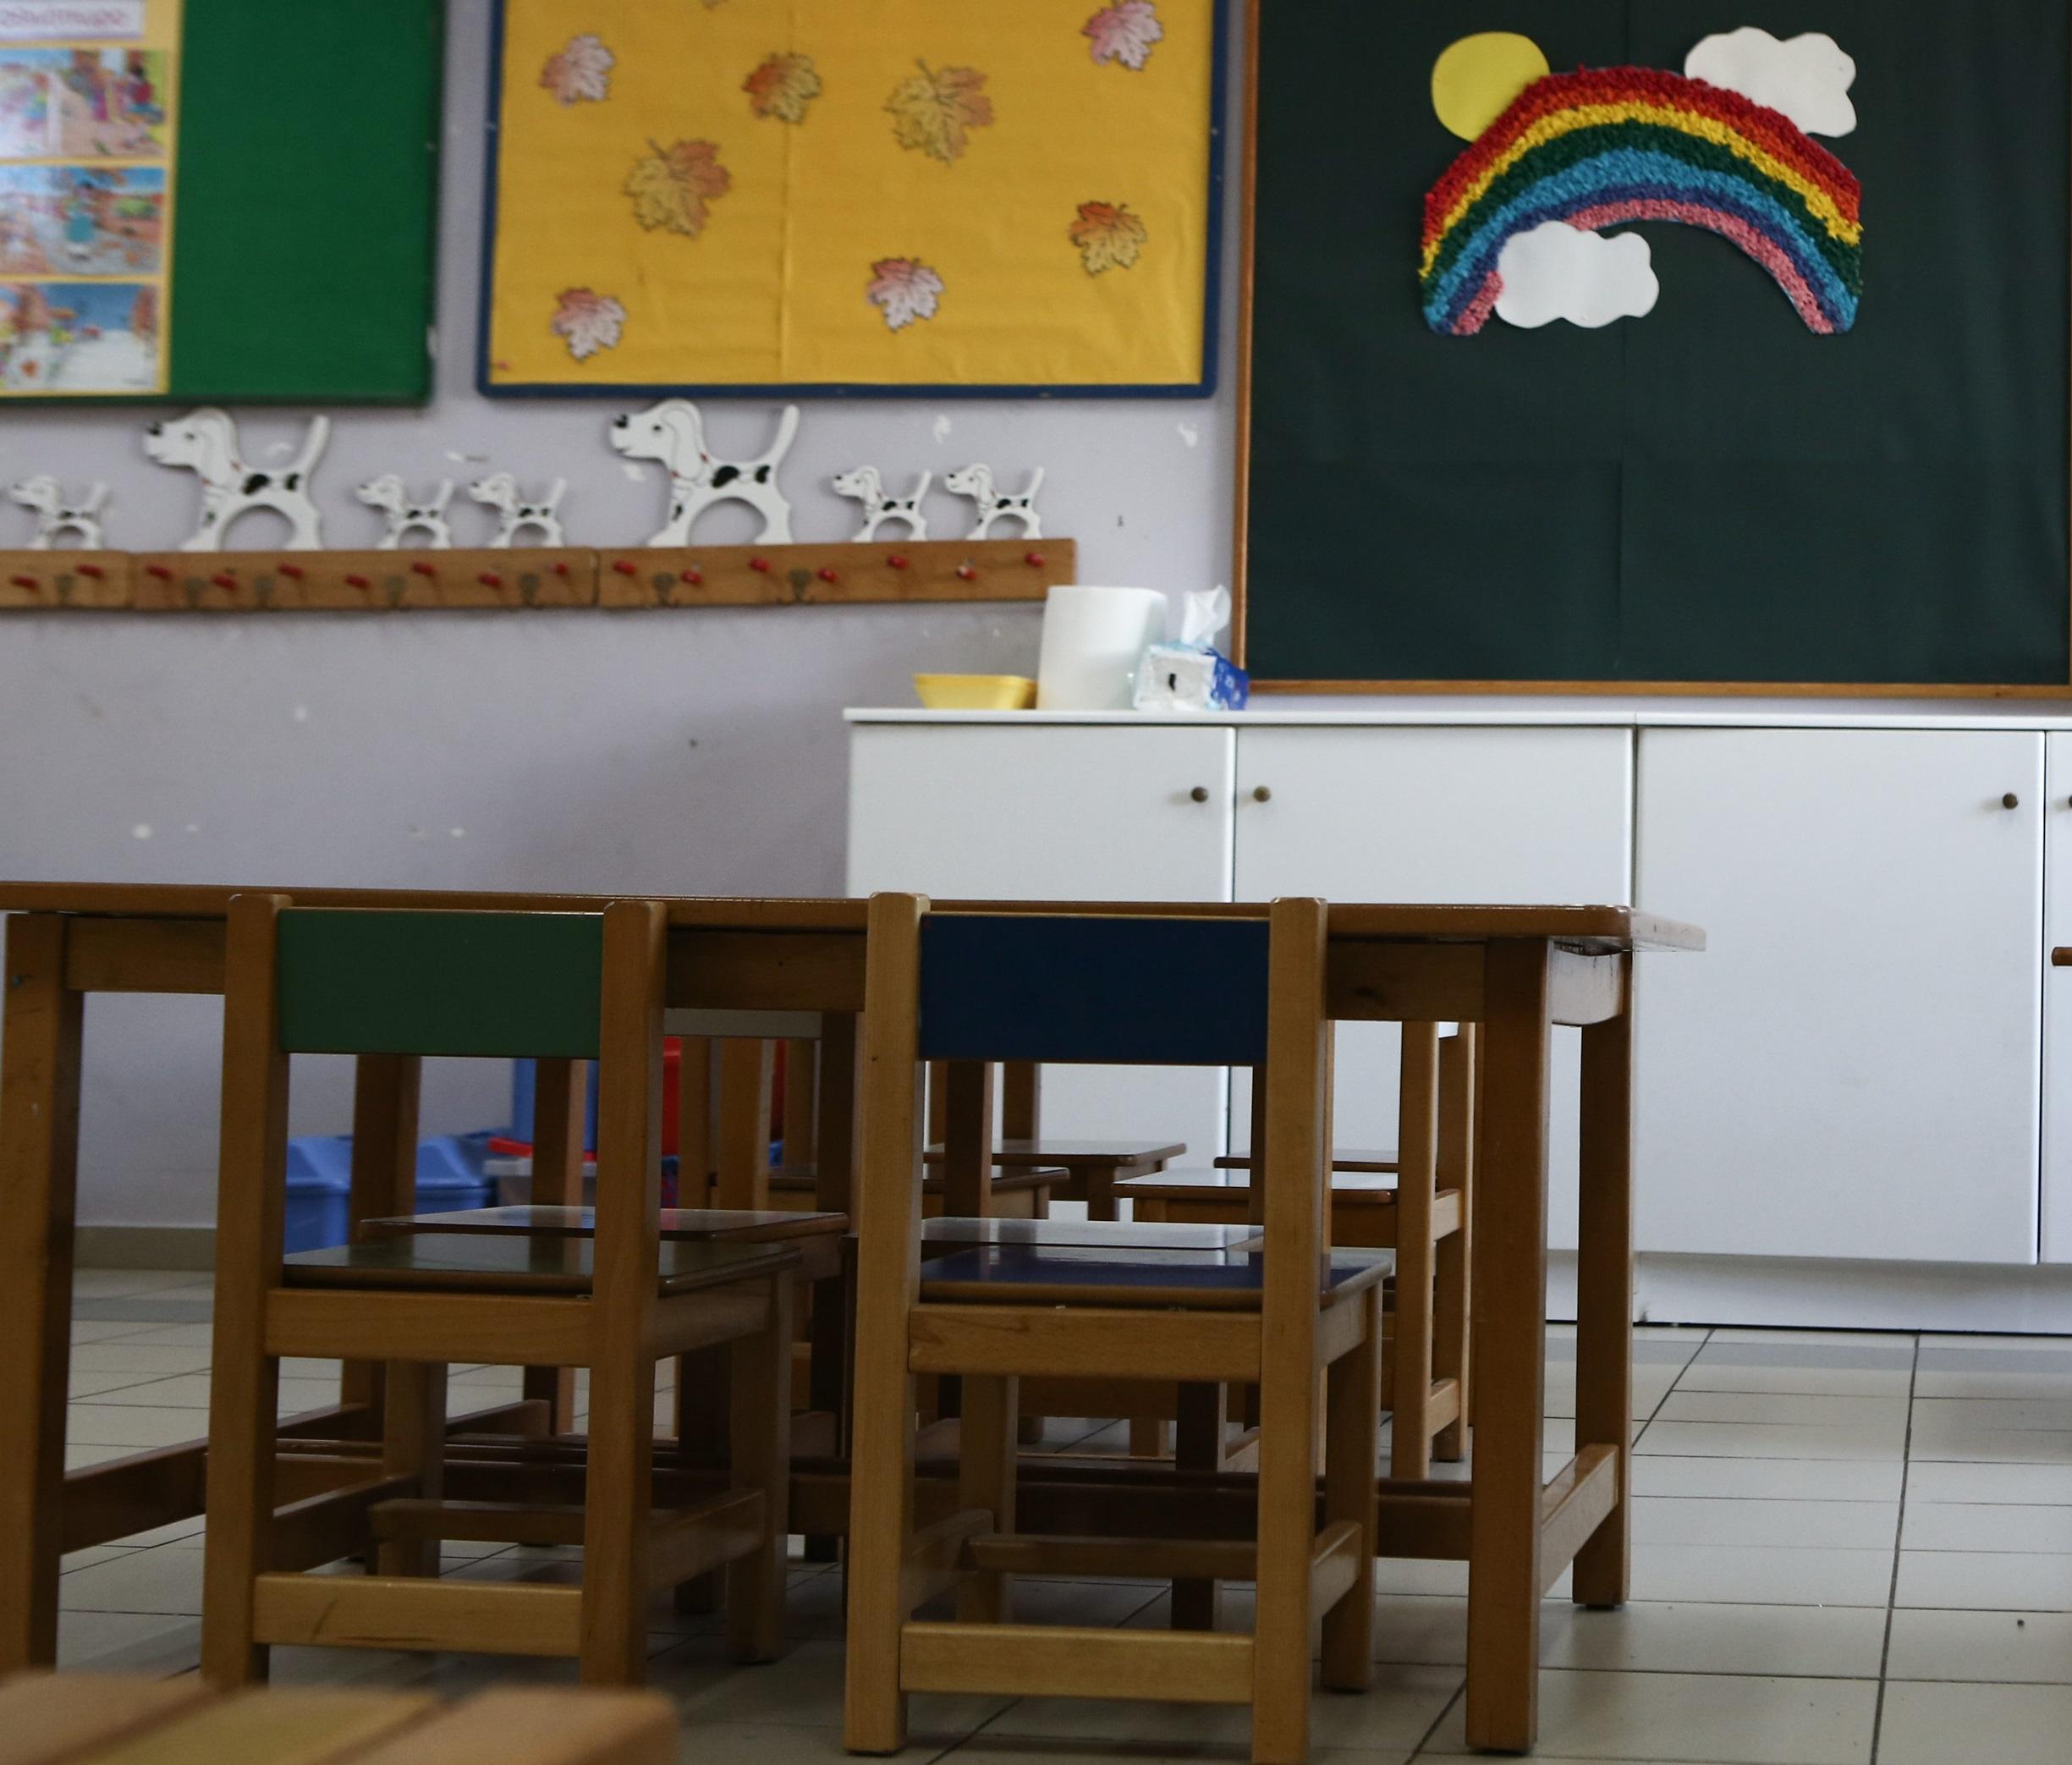 gov.gr: Έφτασαν τις 14.720 οι αιτήσεις για τα νηπιαγωγεία